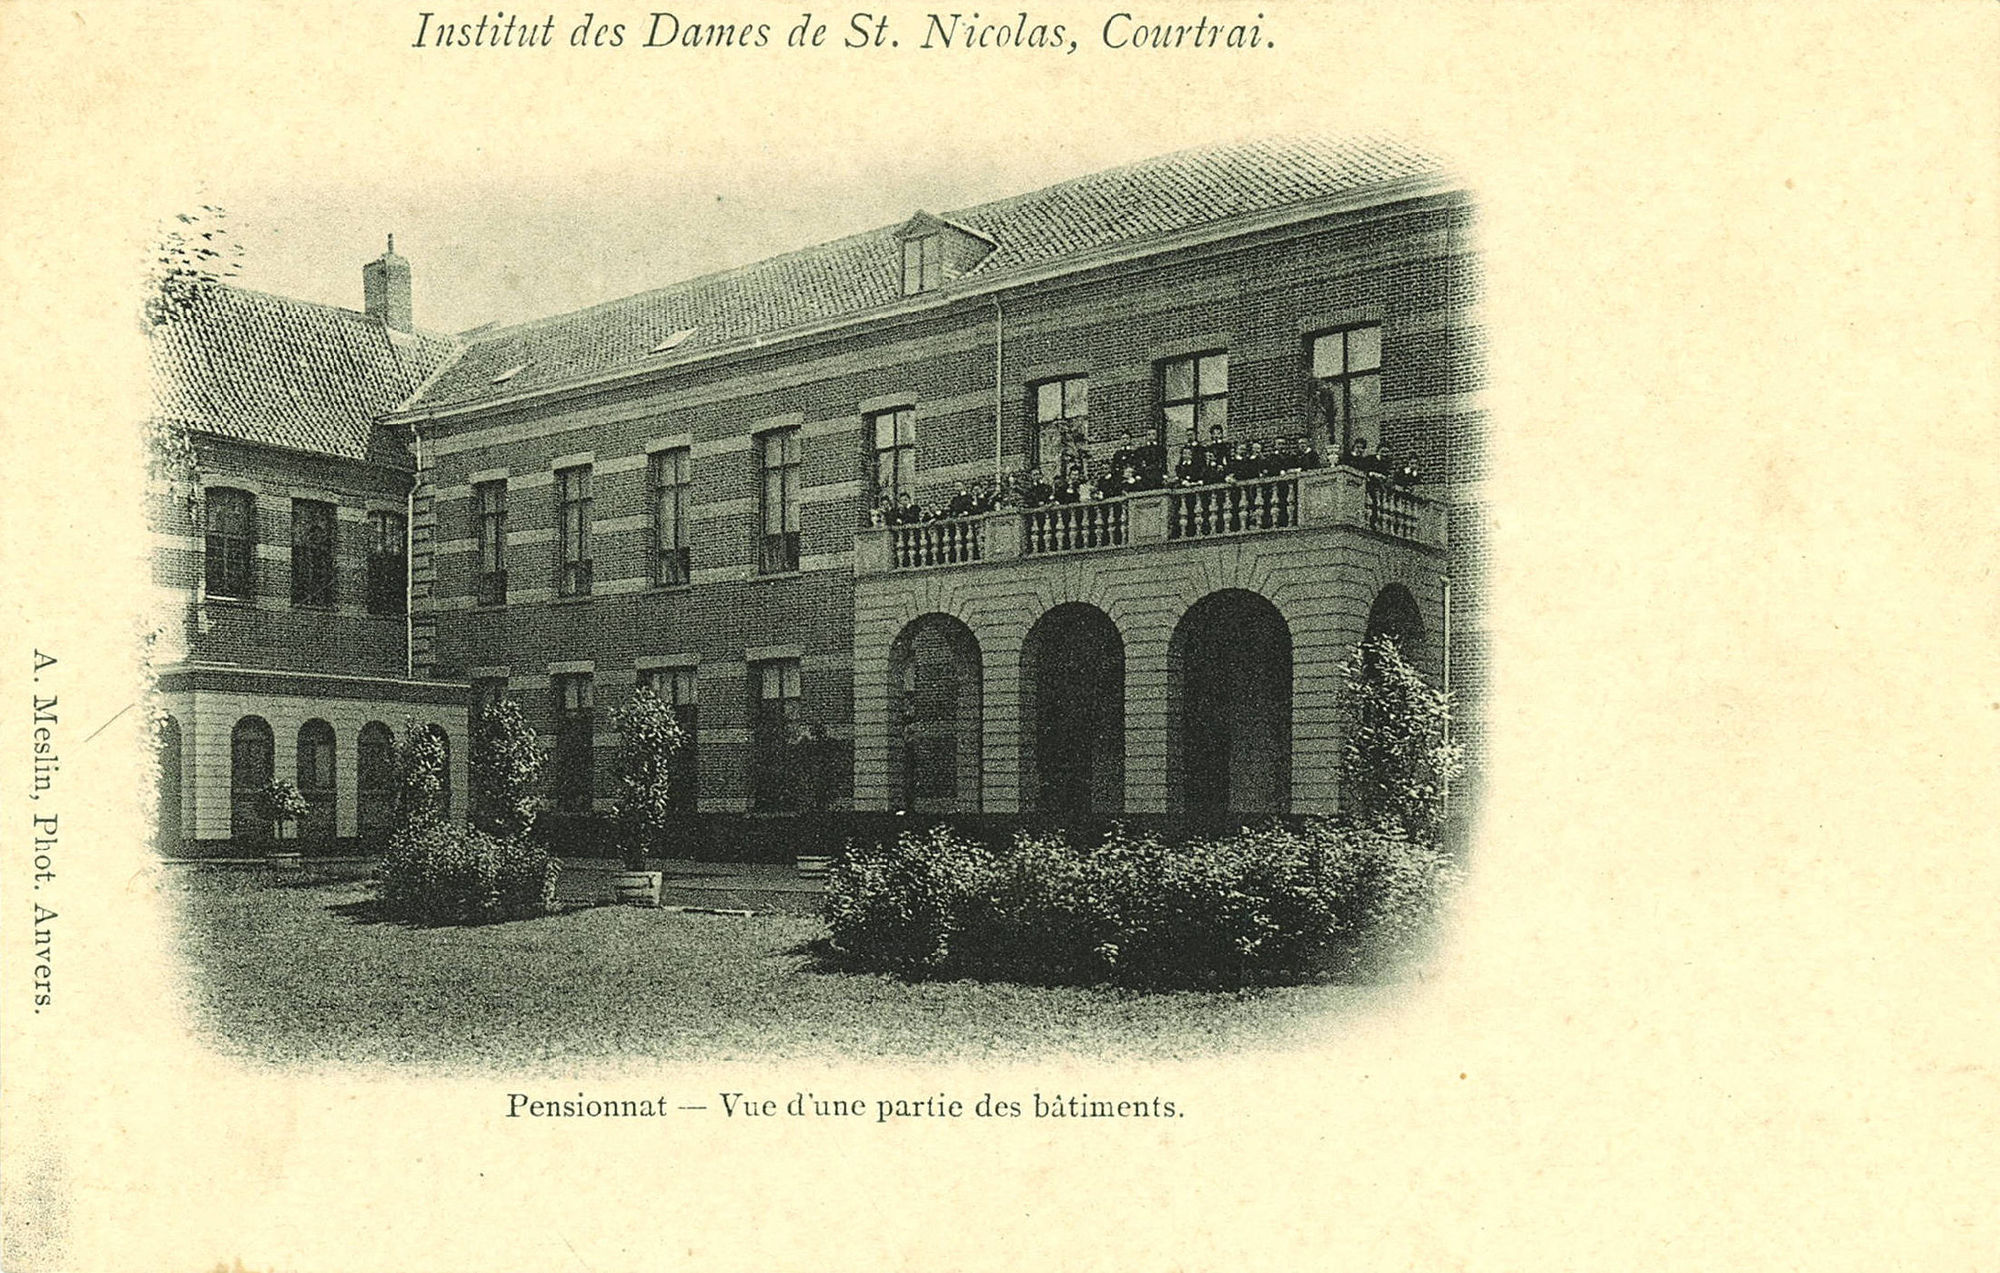 Sint-Niklaasinstituut